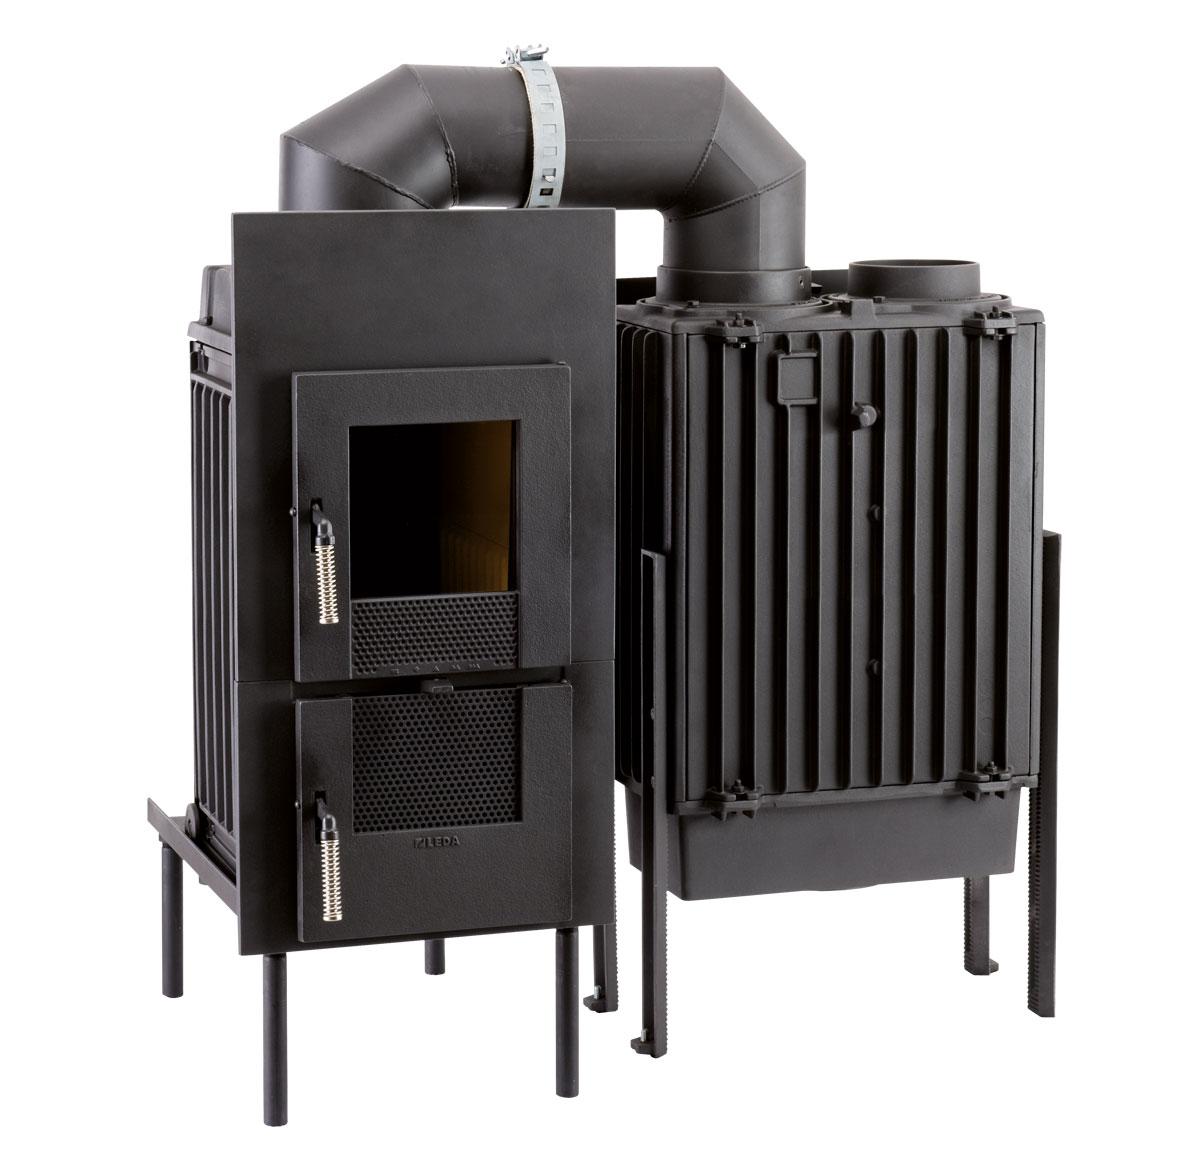 leistungen planung und bau von kachel fen gammer kachelofenbau wangen im allg u. Black Bedroom Furniture Sets. Home Design Ideas